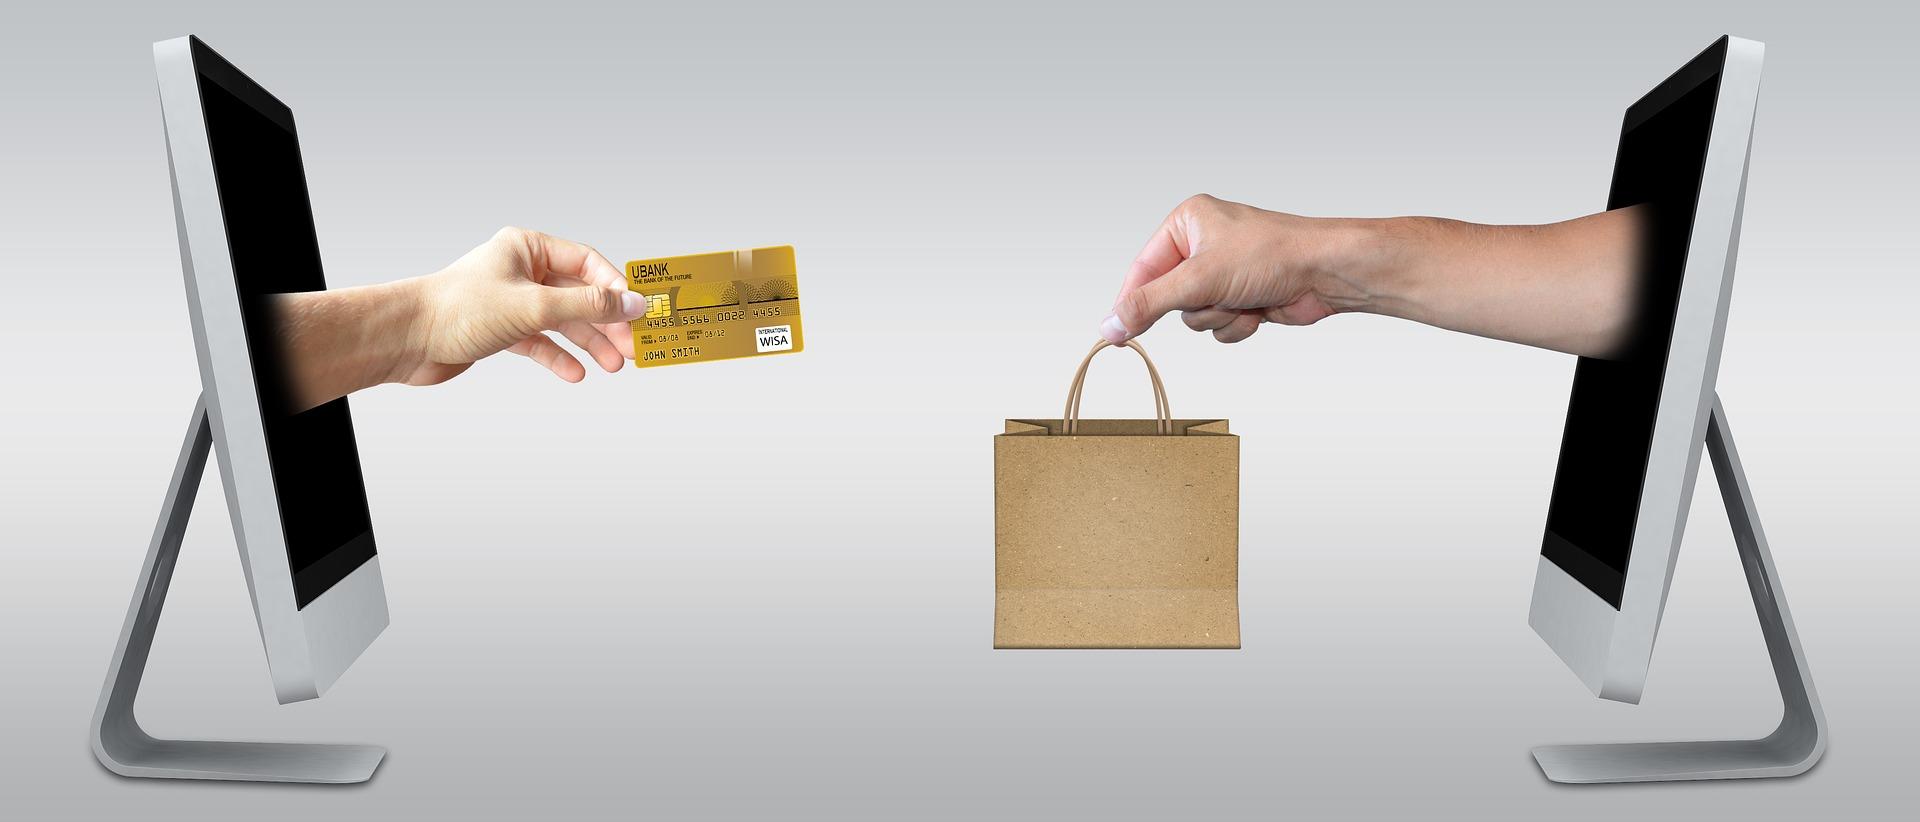 IPC agost (Índex de Preus al Consum)